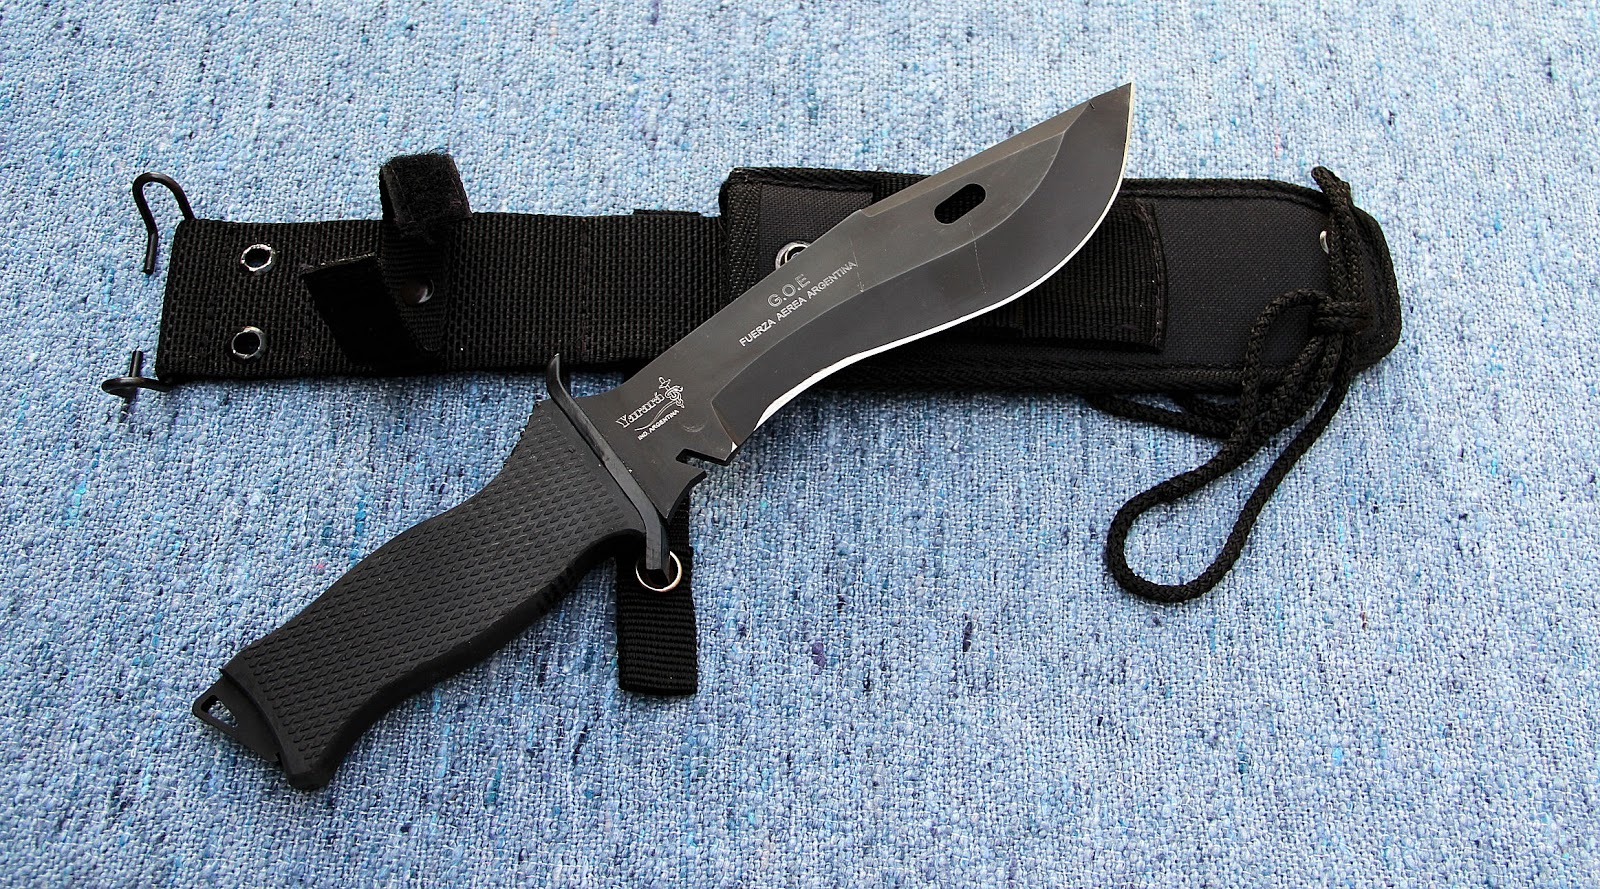 Modernos cuchillos militares argentinos yarara taringa for Clases de cuchillos de mesa